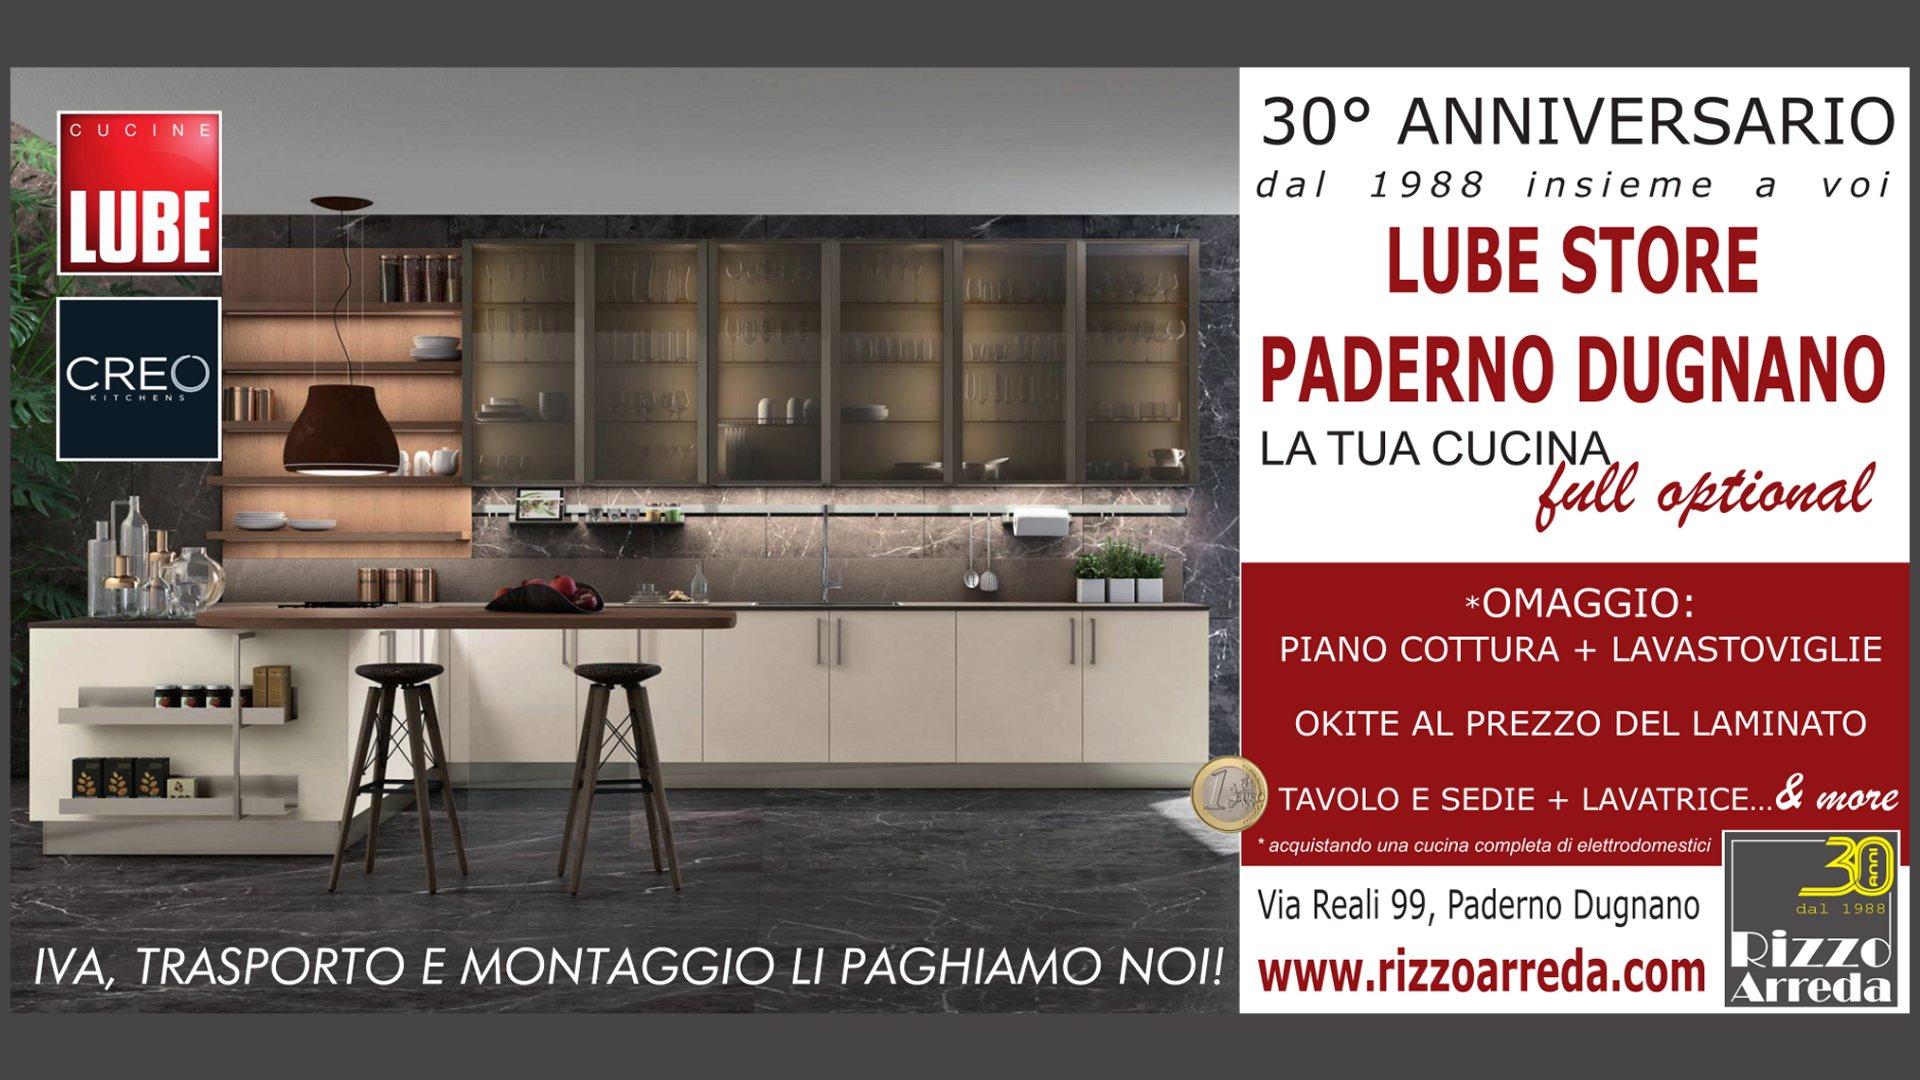 Cucina Completa Di Tavolo E Sedie.30 Anniversario Rizzo Arreda Lube Arredamenti Paderno Dugnano